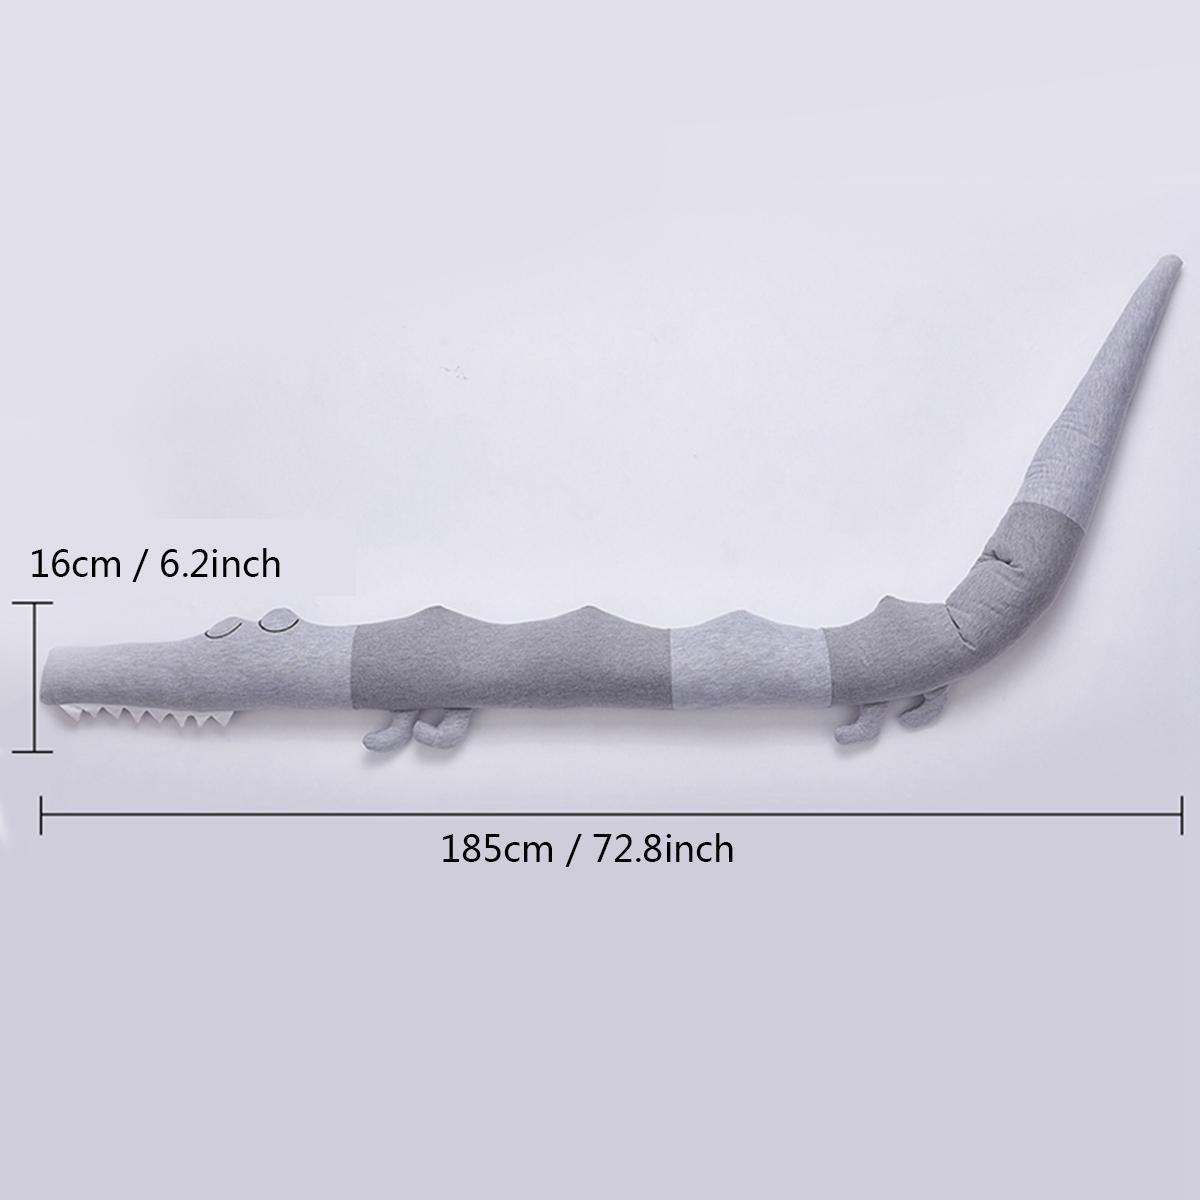 peluche de crocodile cr/éative oreiller berceau pour enfant coussin oreiller en forme danimal de bande dessin/ée Tour de lit garniture pour berceau de b/éb/é rembourrage cadeau pour nouveau-n/é jouet barreaux de lit